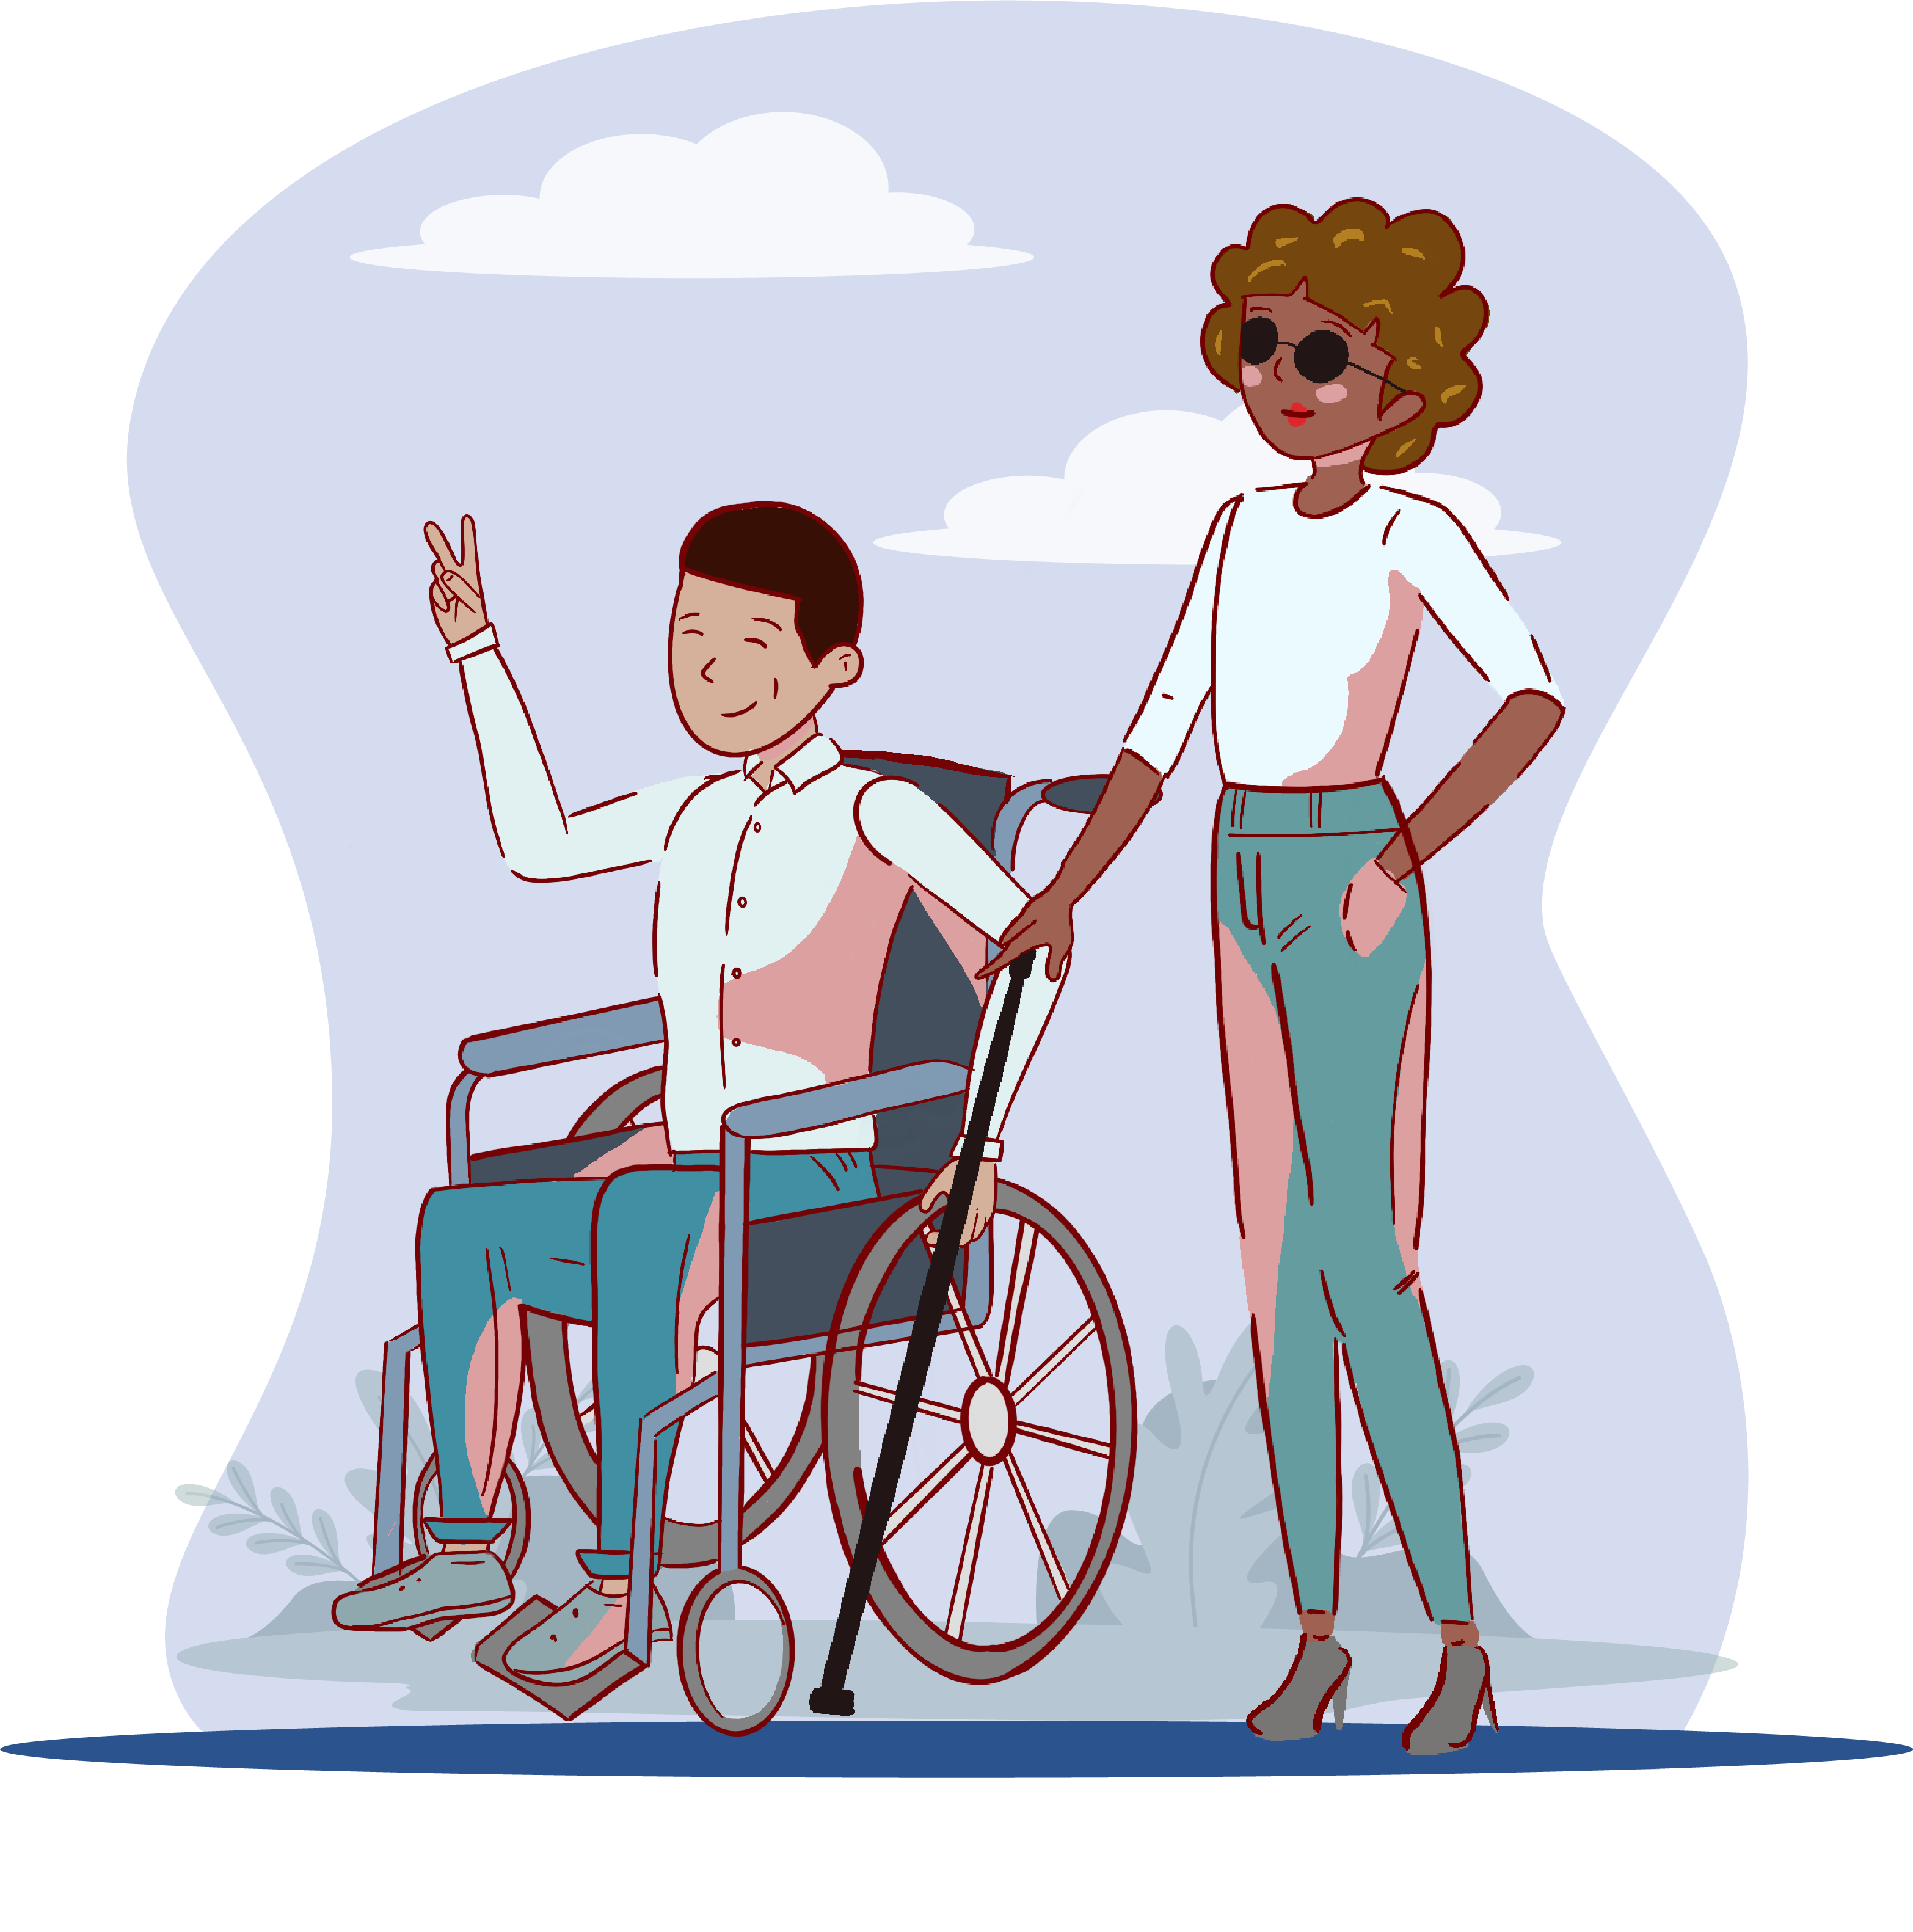 Un hombre en silla de ruedas y a su lado y una mujer no vidente con su bastón guía.